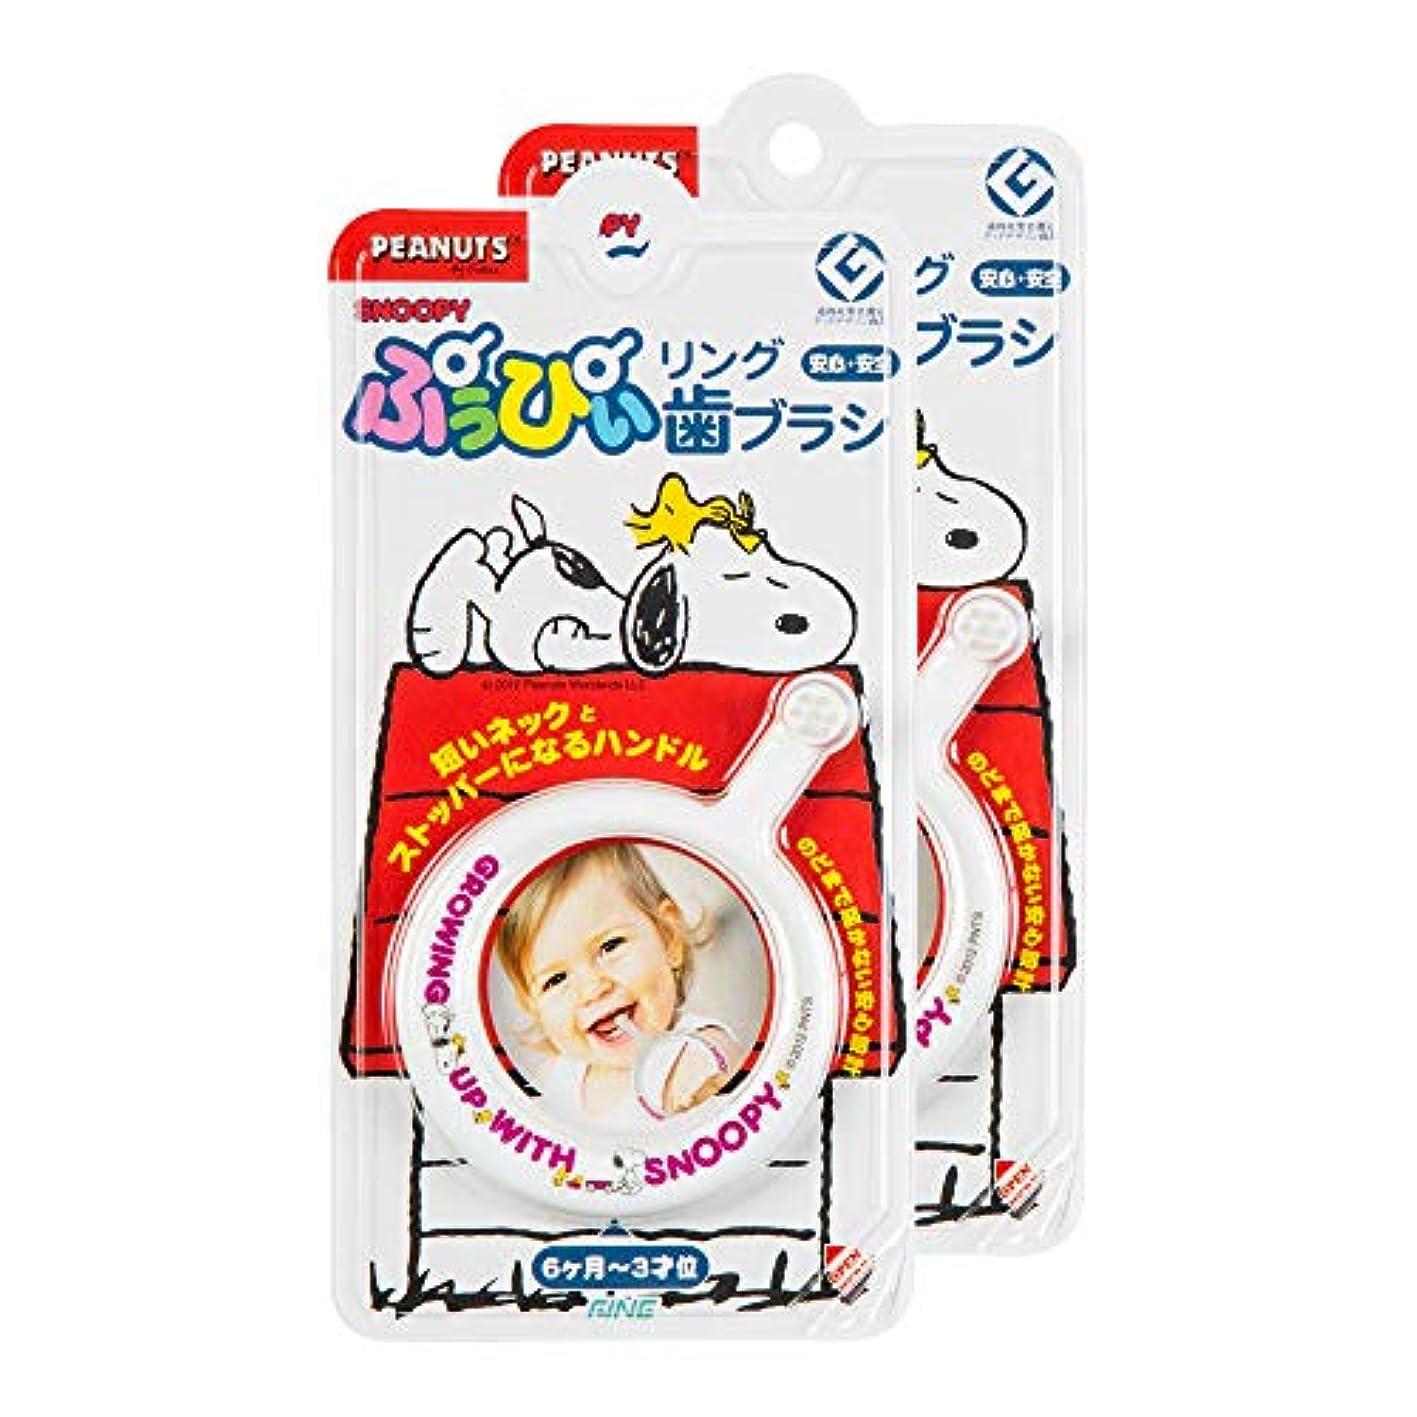 回想距離遠い【Amazon.co.jp限定】 ファイン ベビー用歯ブラシ 2個組 ピンク 2組 4976858872099